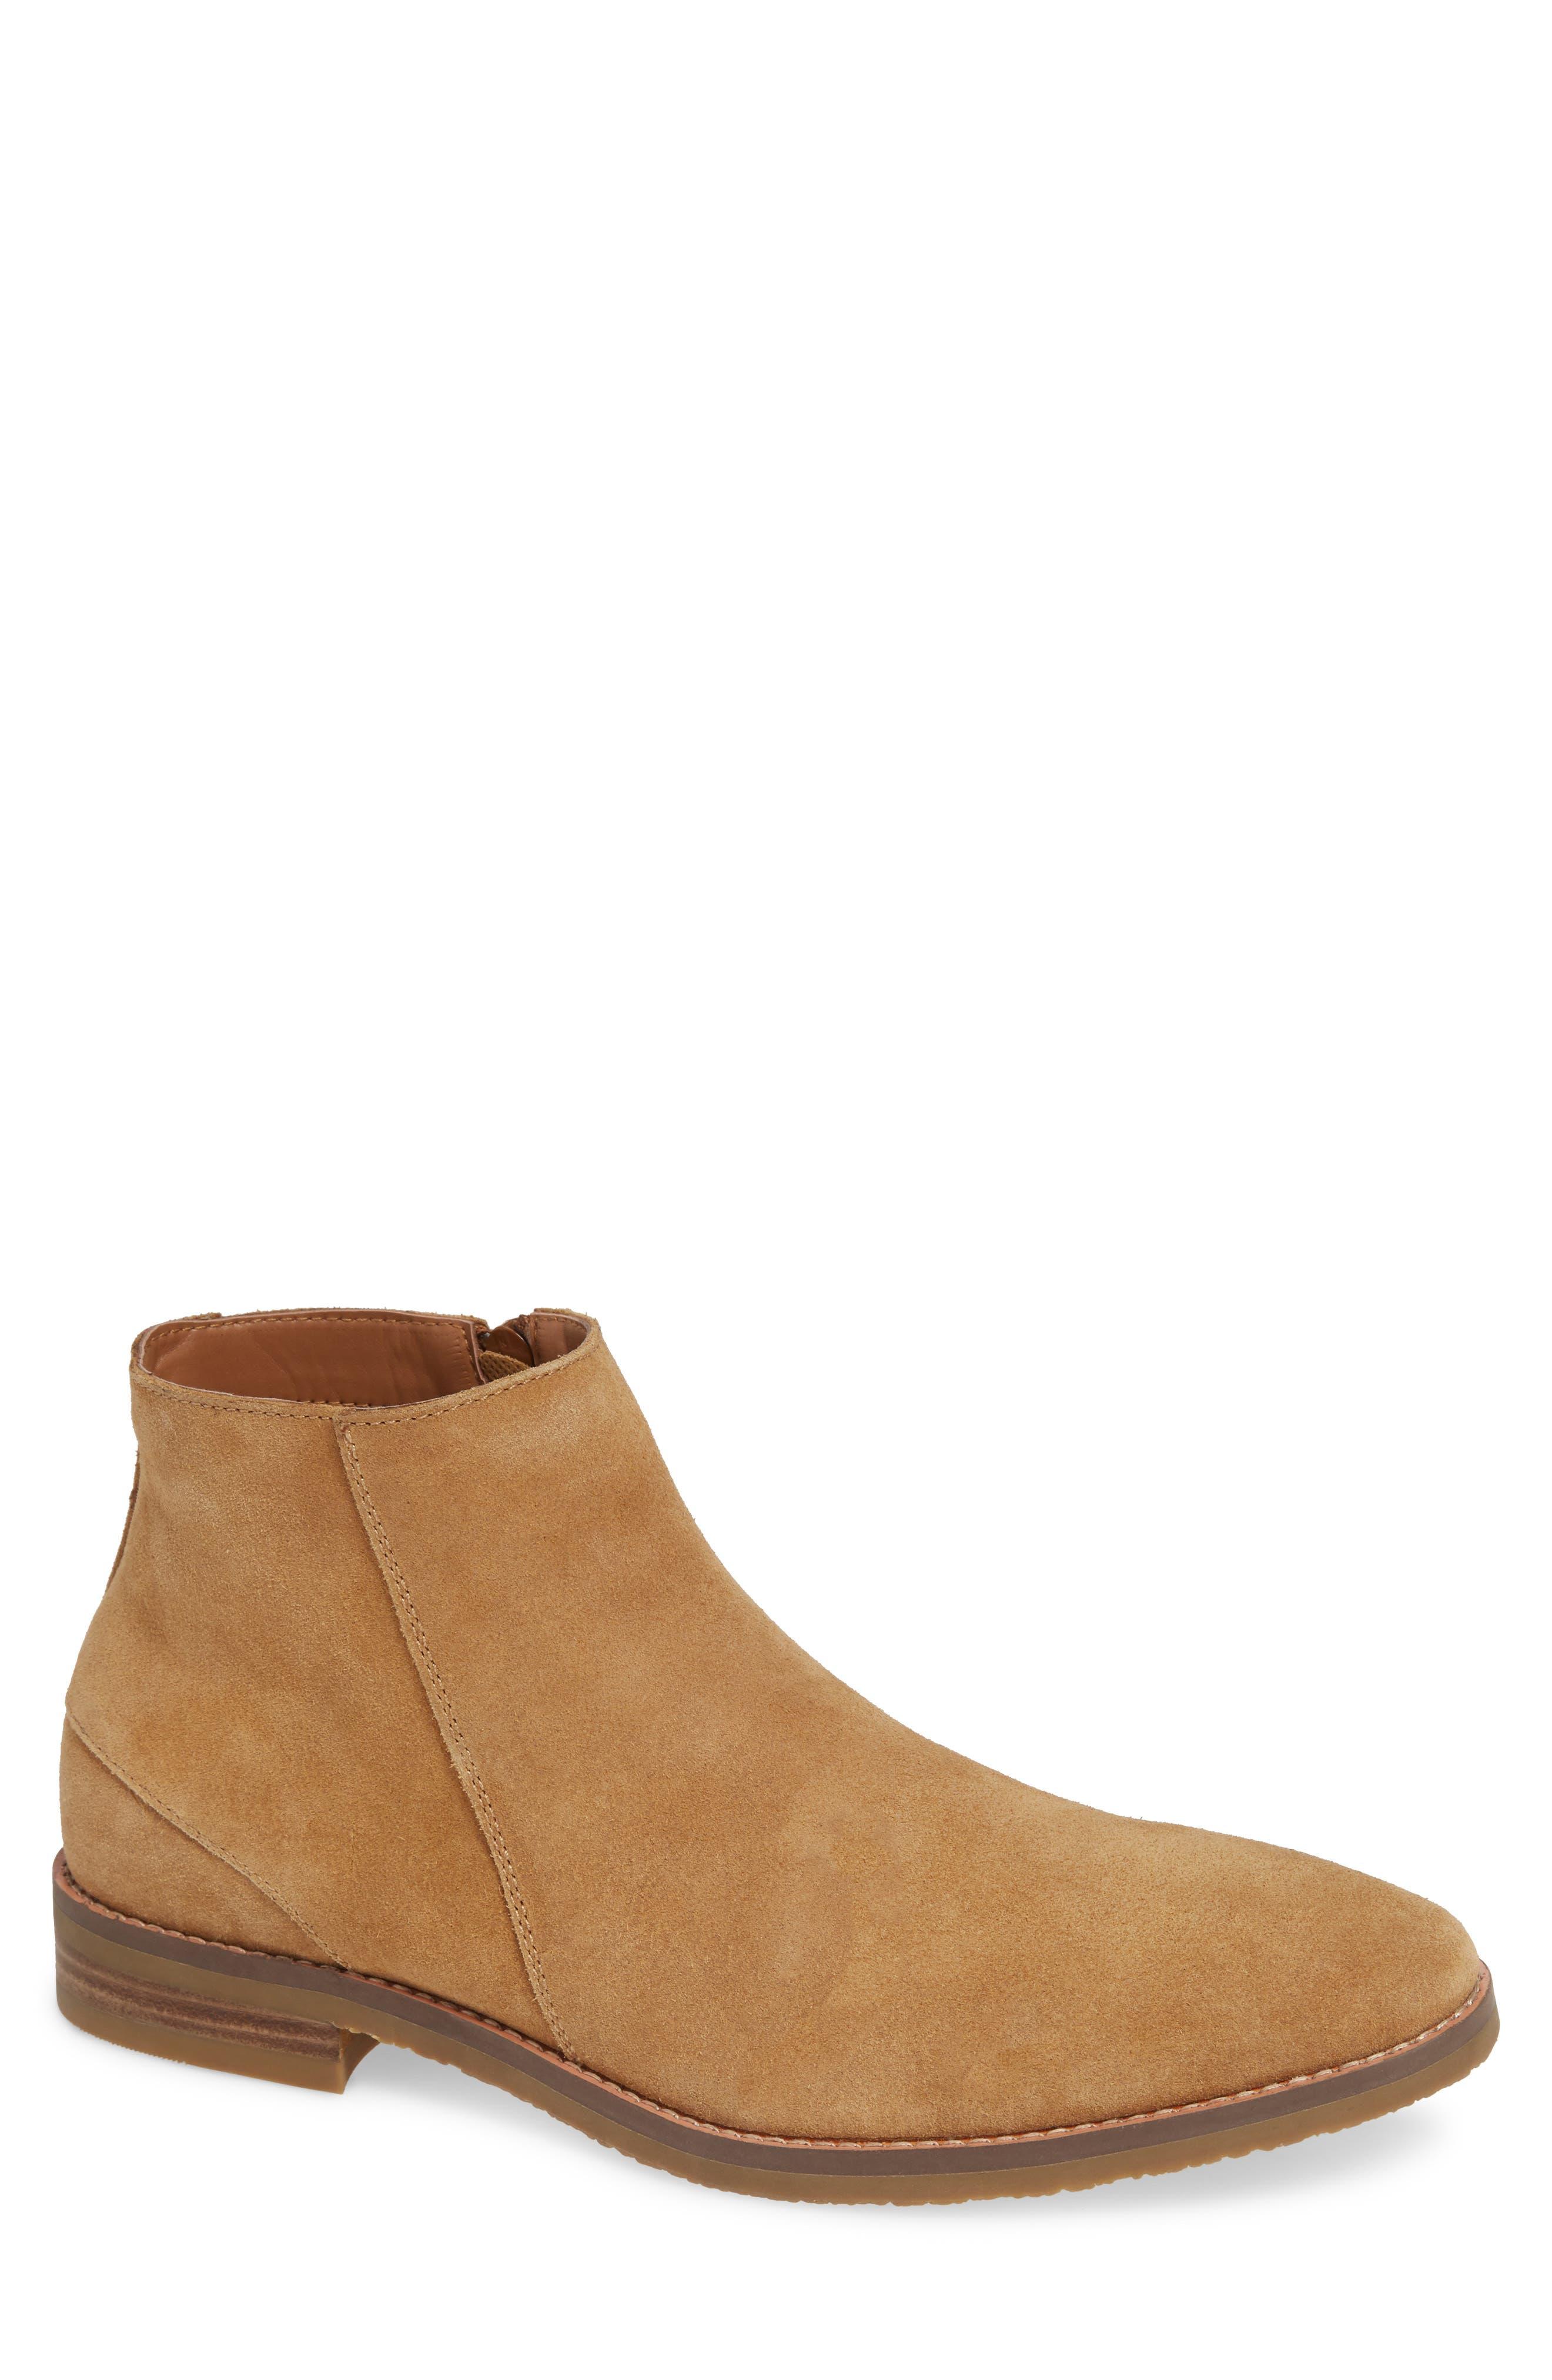 Jump Brighton Chelsea Zip Boot, Beige